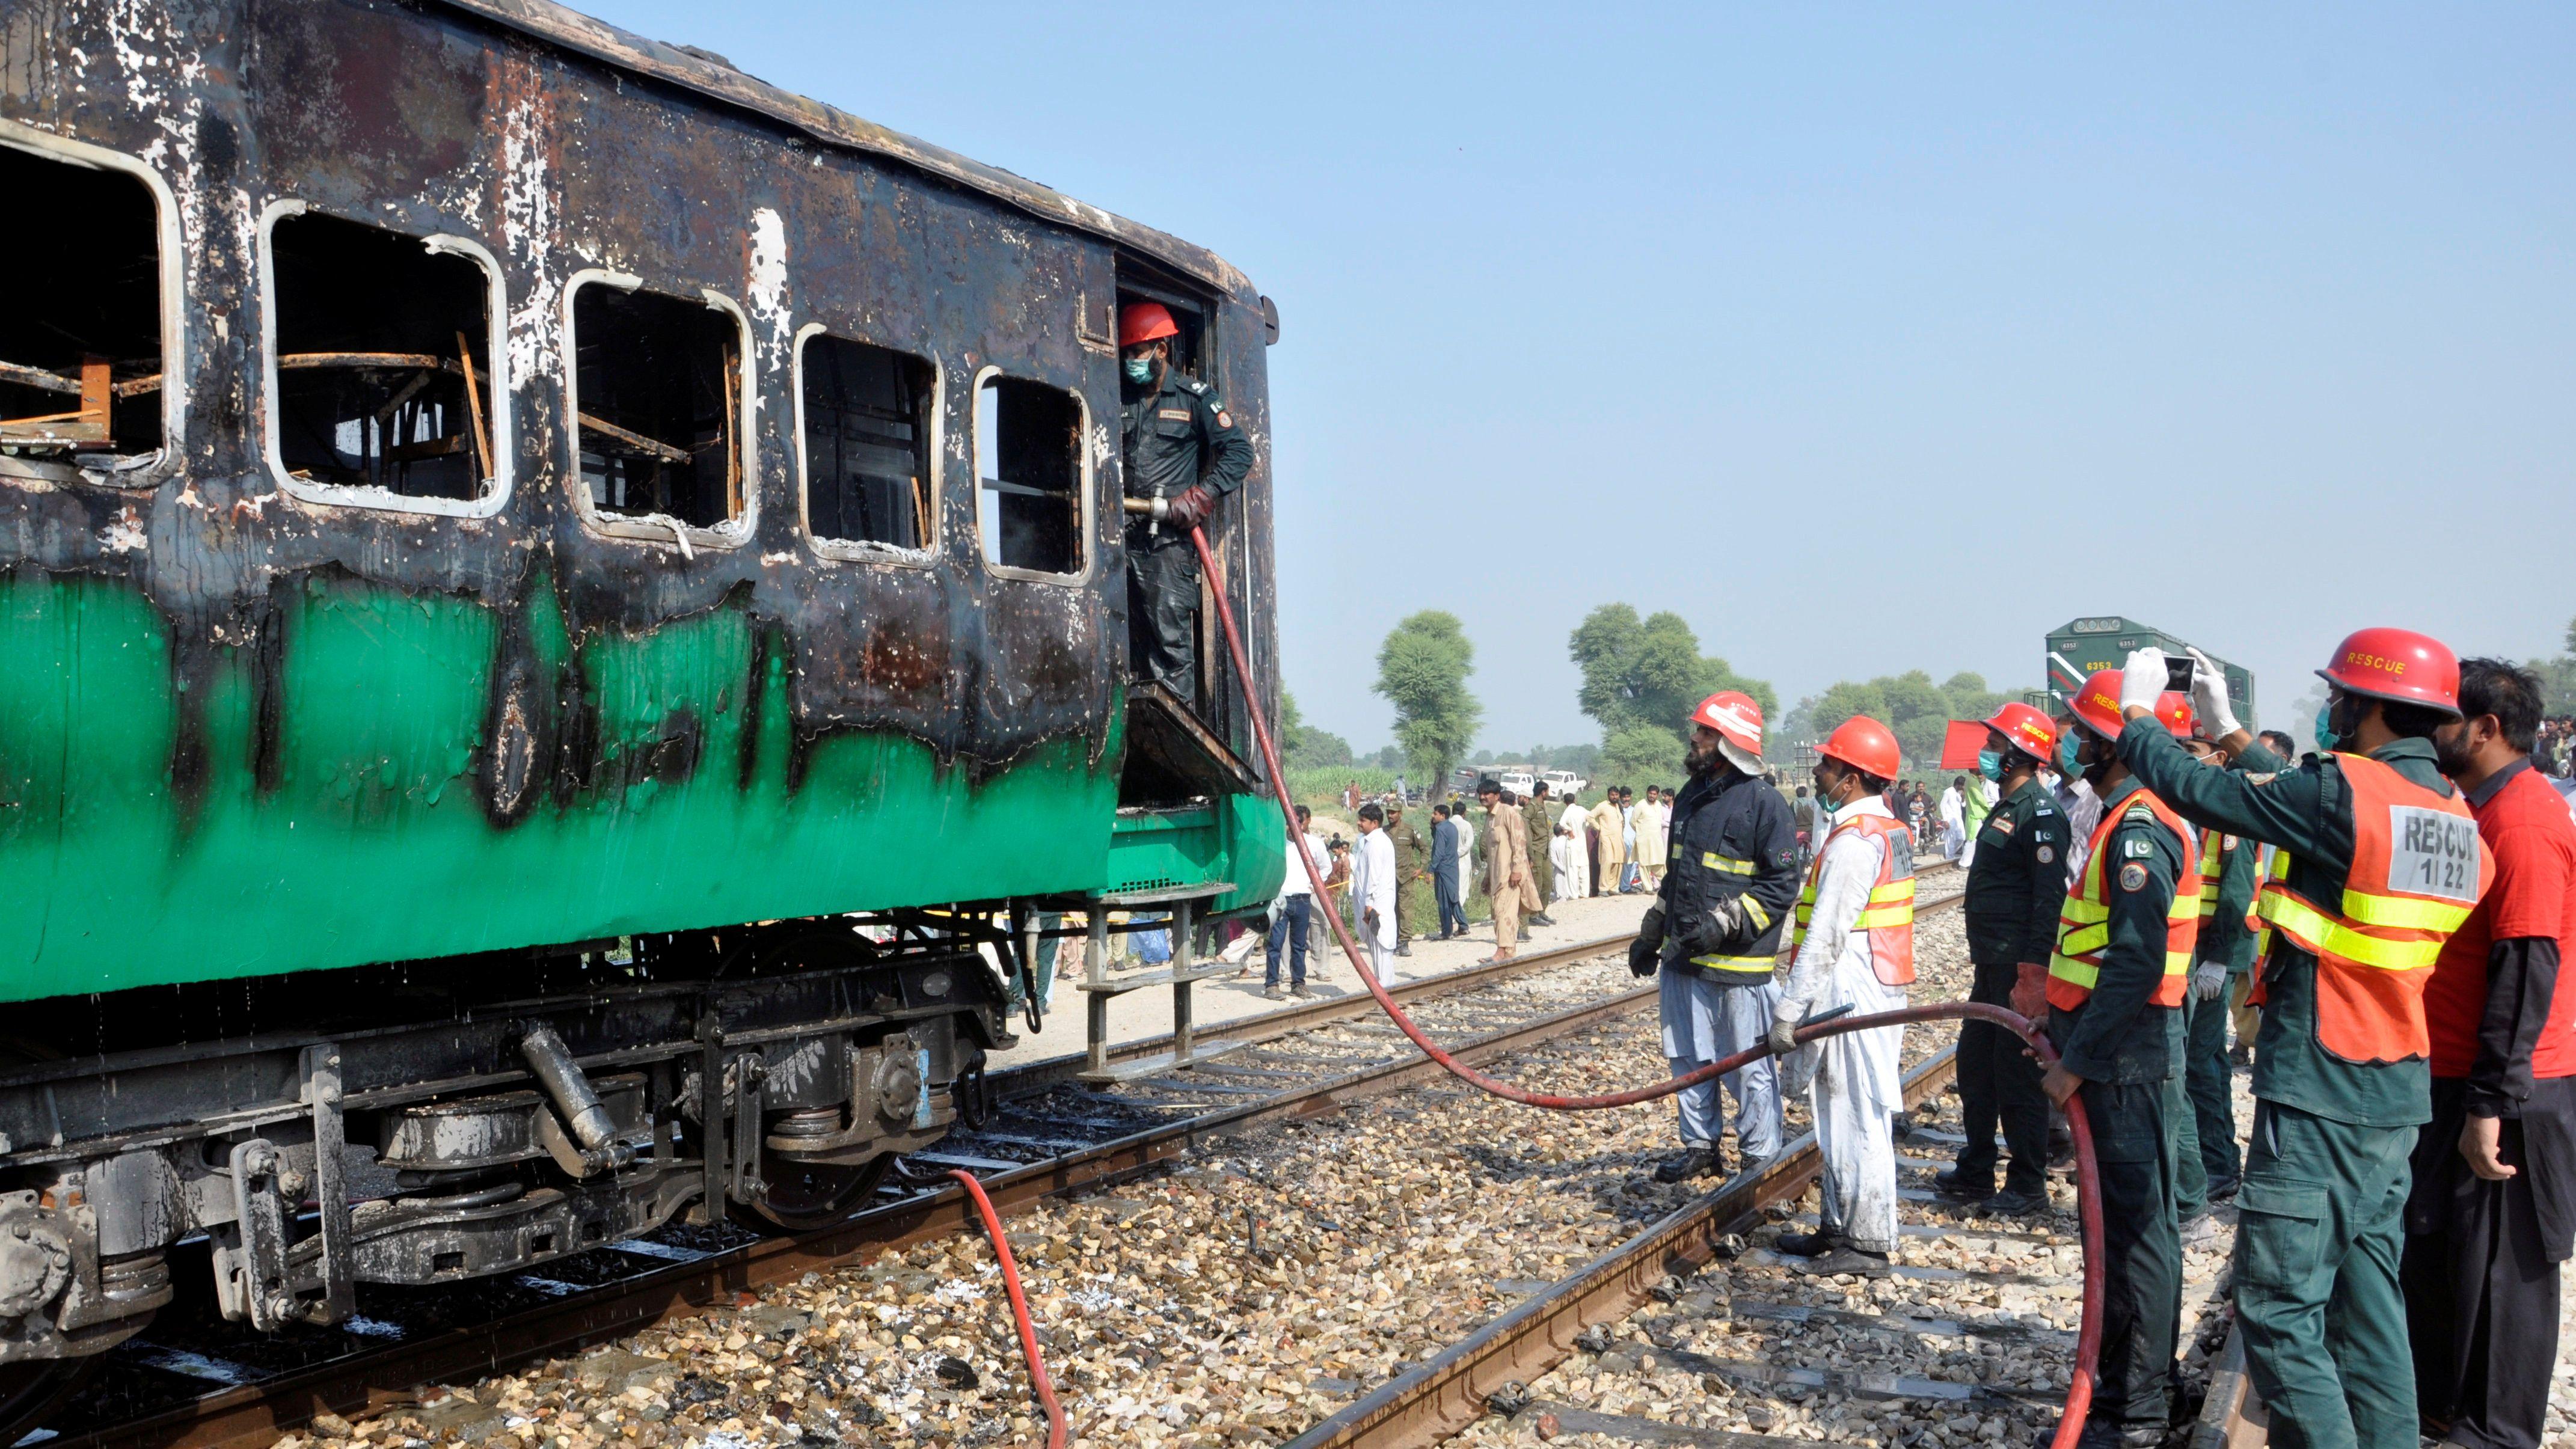 Feuerwehr und Rettungskräfte am ausgebrannten Zug in der Nähe der pakistanischen Stadt Rahim Yar Khan